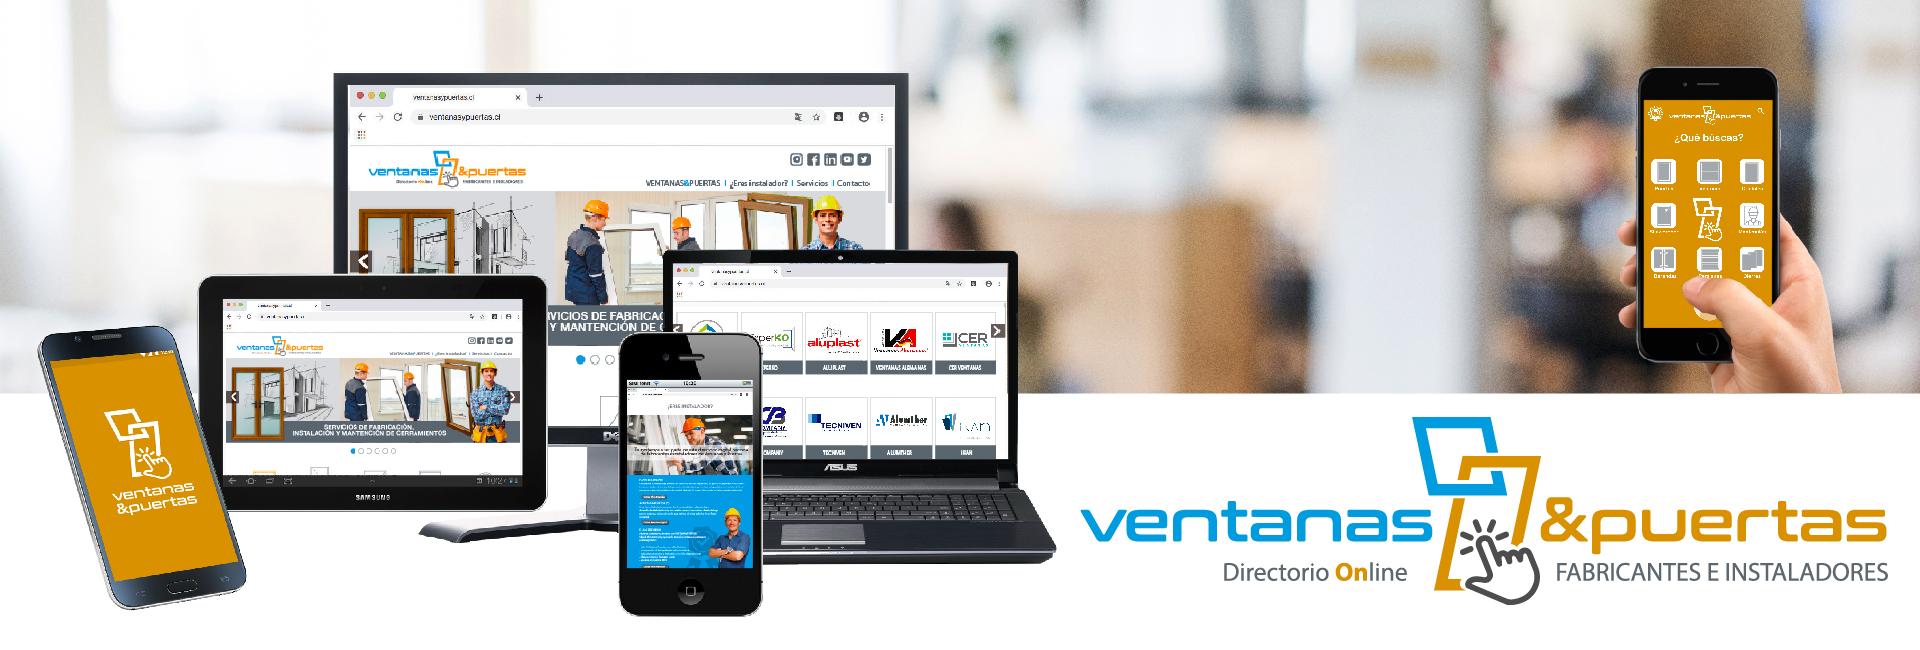 AGENCE_C_VENTANAS_Y_PUERTAS